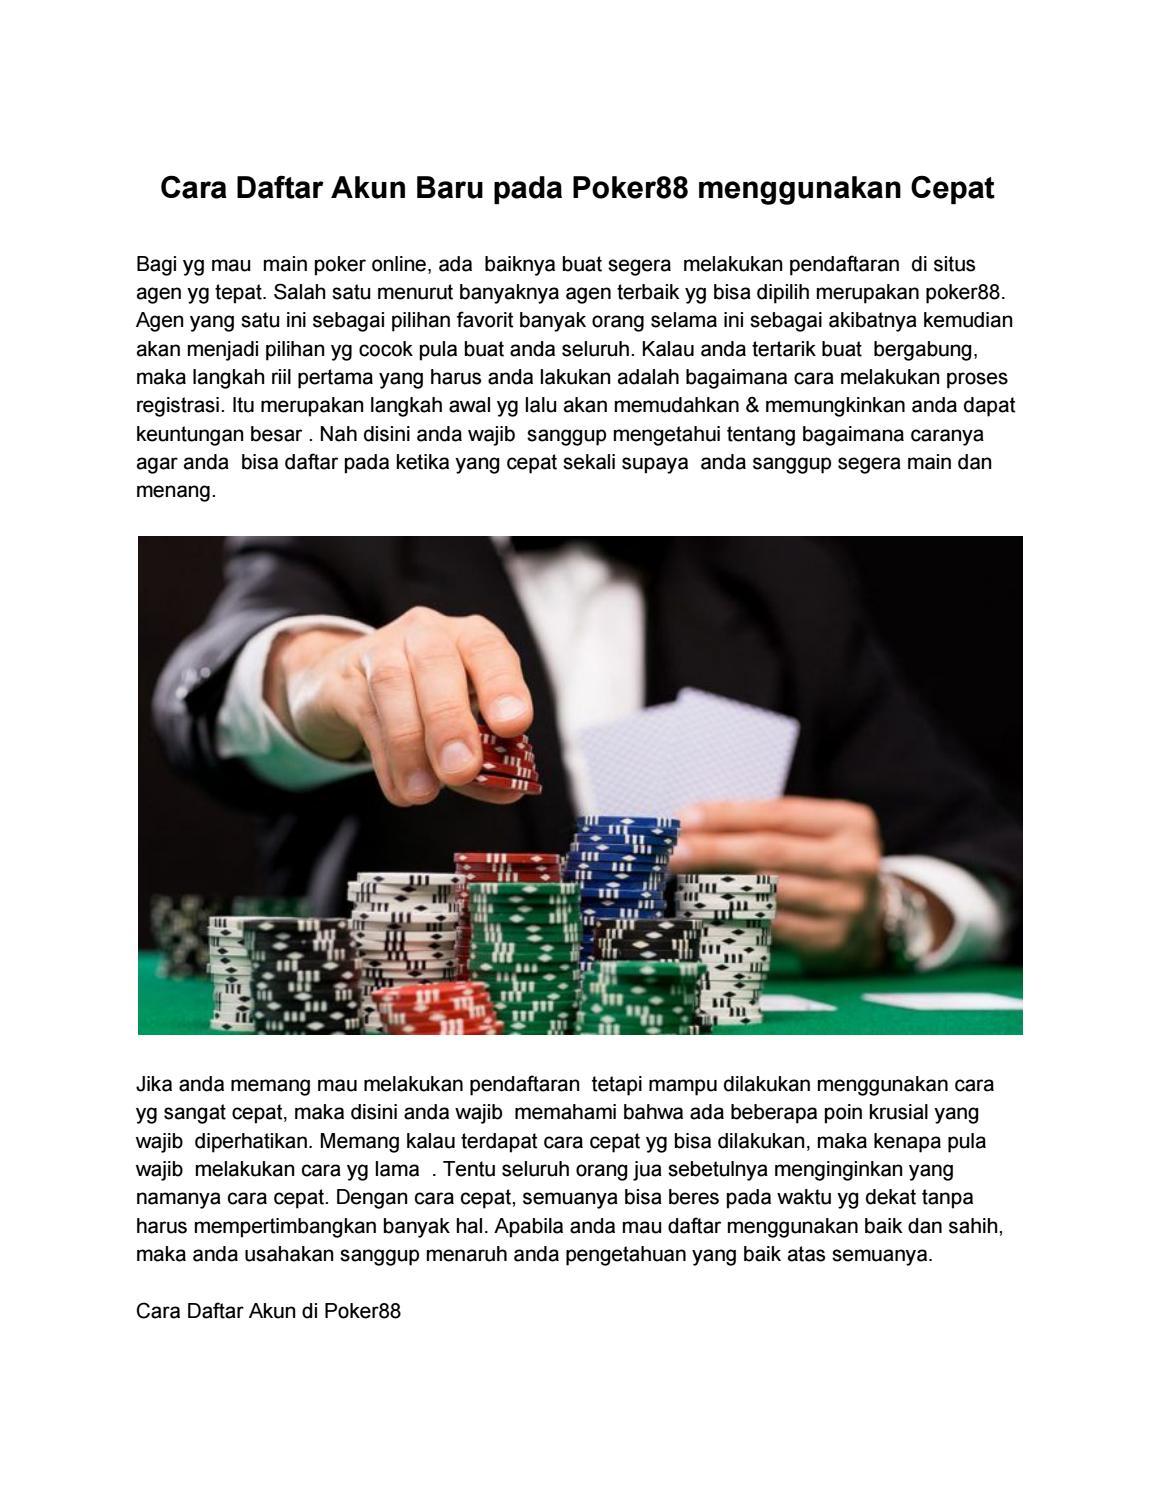 Cara Daftar Akun Baru Pada Poker88 Menggunakan Cepat By Judi Online 118 Issuu